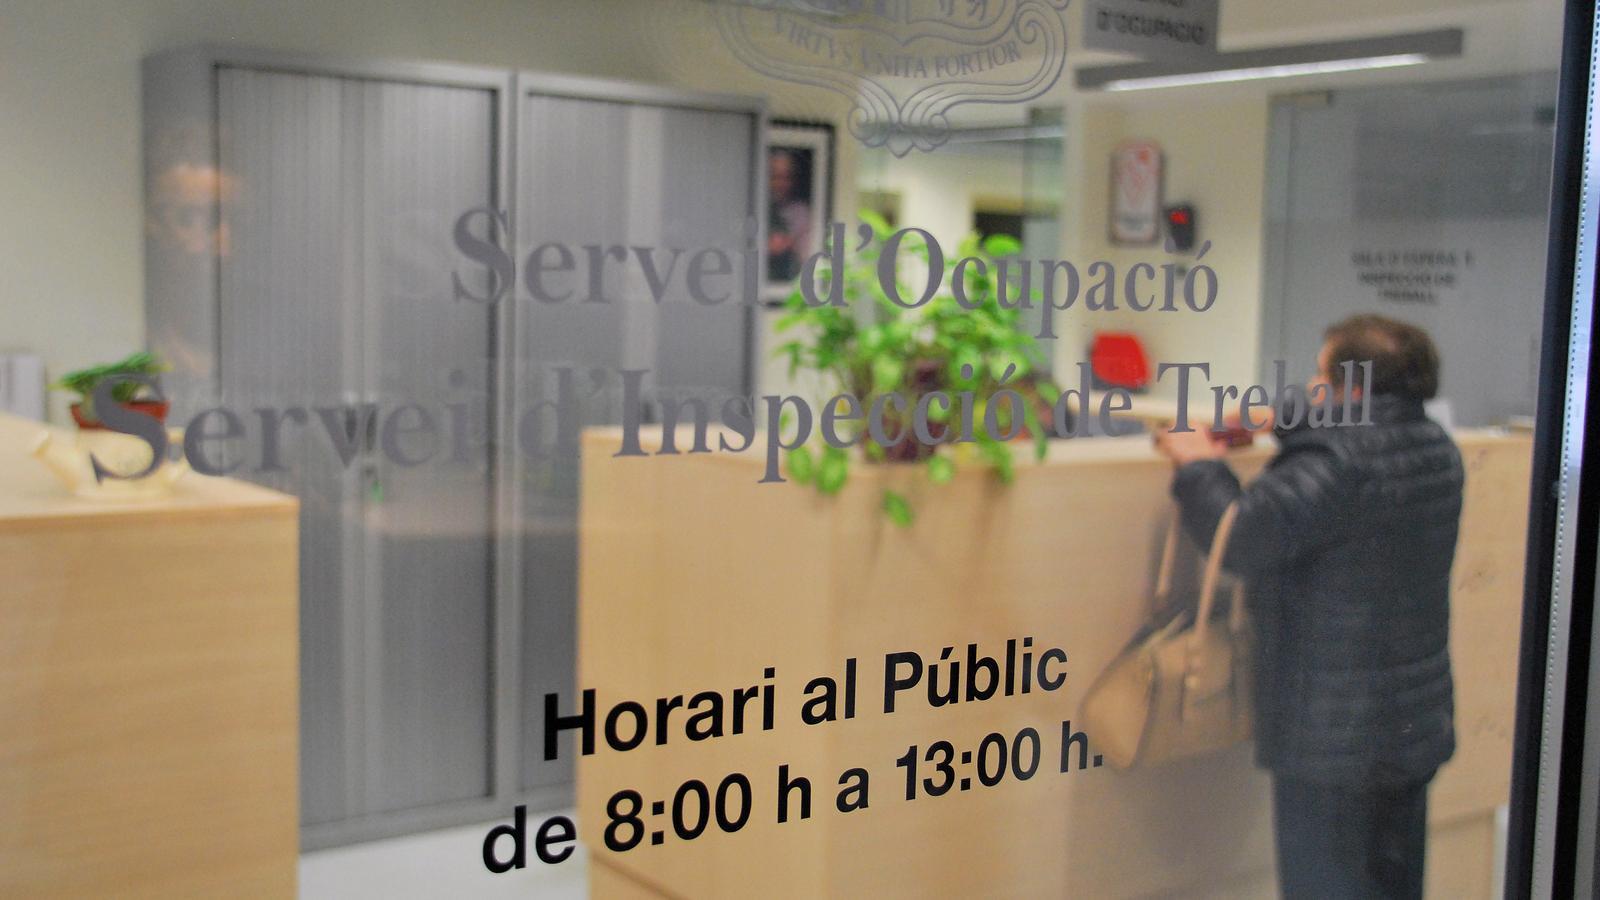 Una imatge del Servei d'Ocupació. / C. G. (ANA)